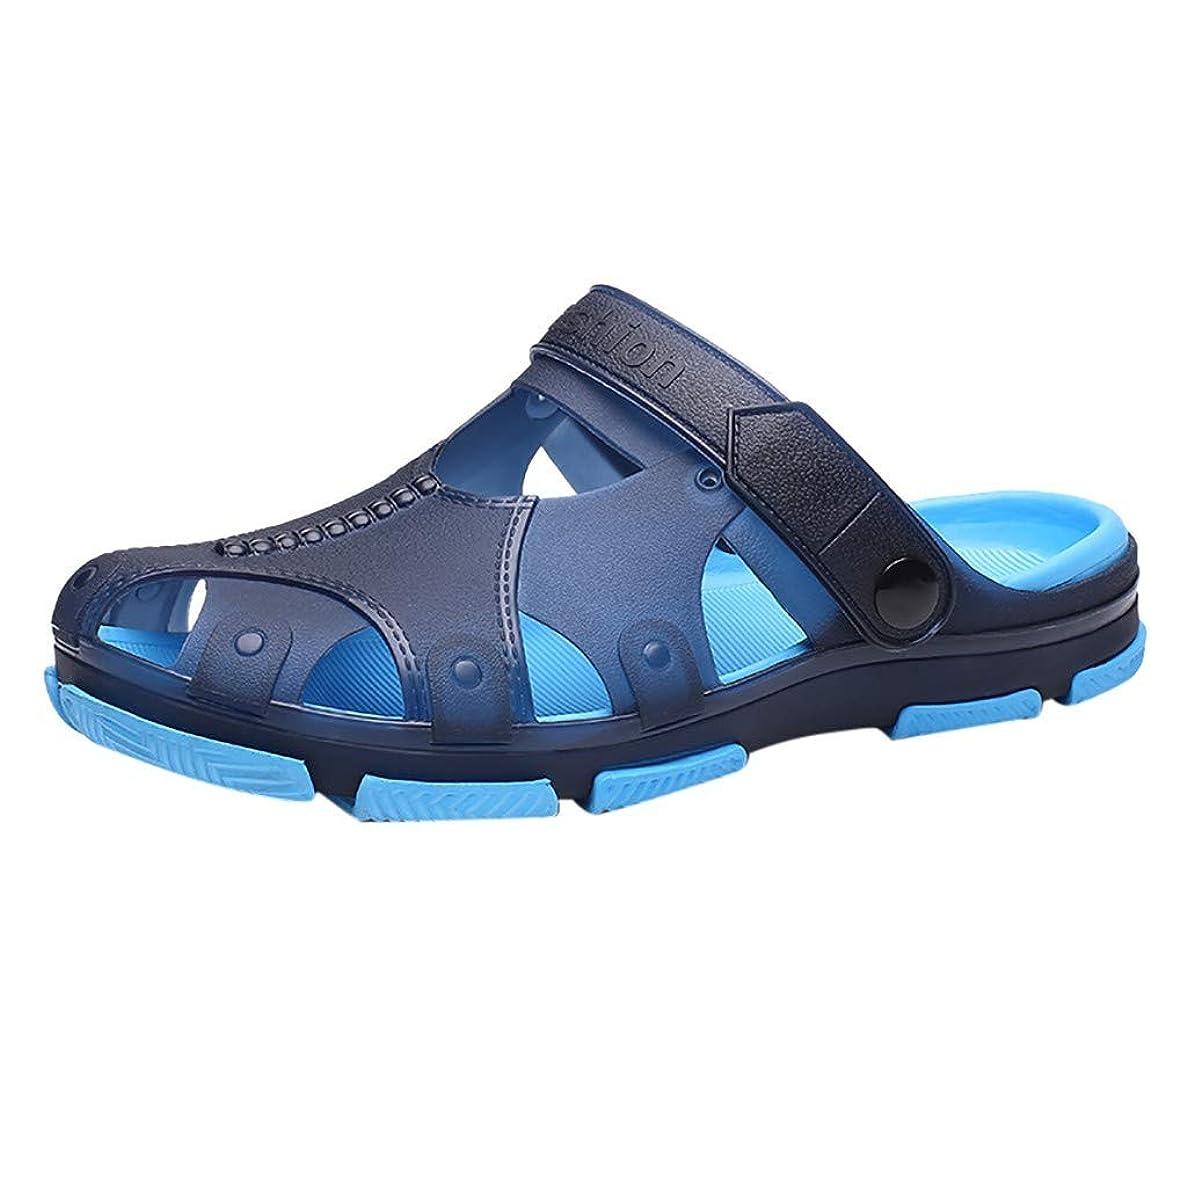 抑止する壊れたせっかちWyntroy メンズスリッパ メンズ シューズ ファッション 夏秋 ぺたんこ靴 ビーチサンダル 室内 滑り止め スリッパ 男の子 履物 屋外の ビーチスリッパ サンダル 穴の靴